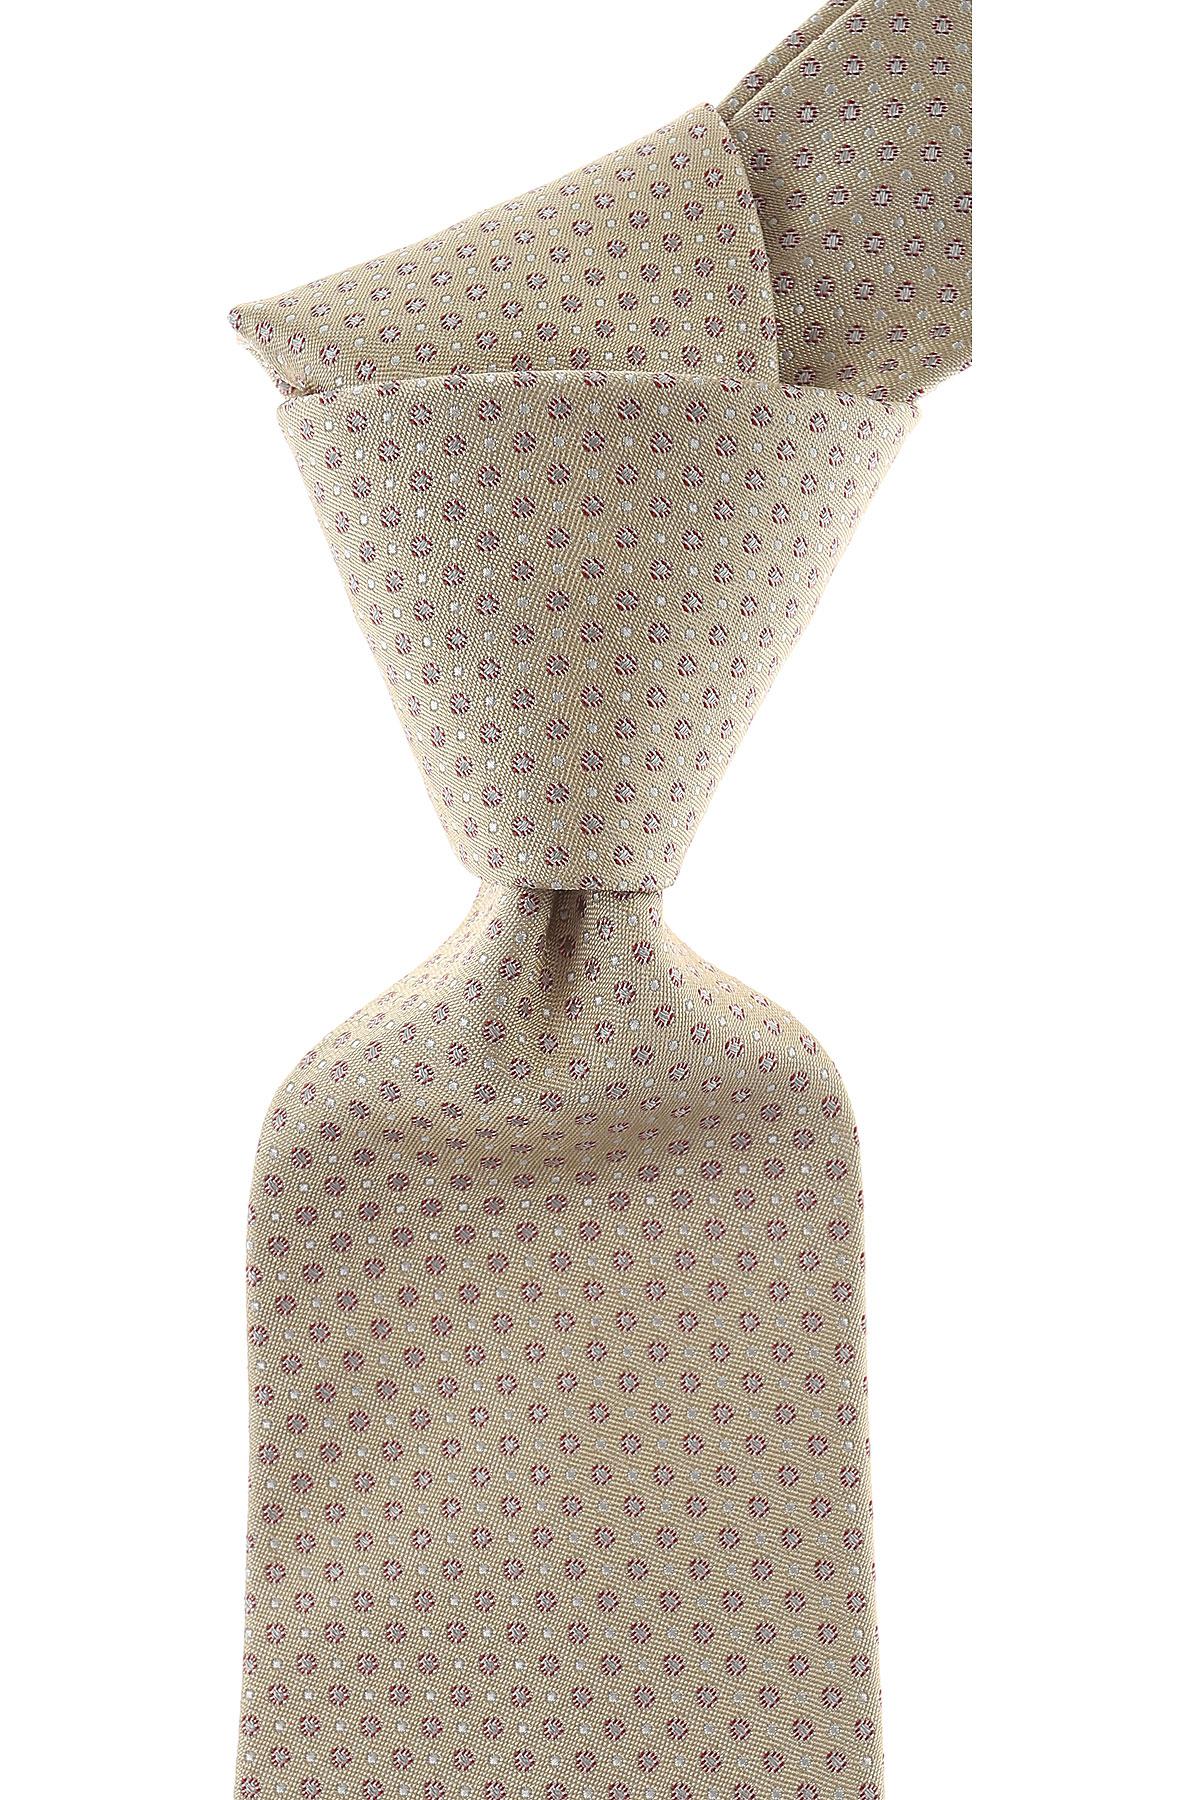 Borrelli Cravates Pas cher en Soldes, Beige sable, Soie, 2021